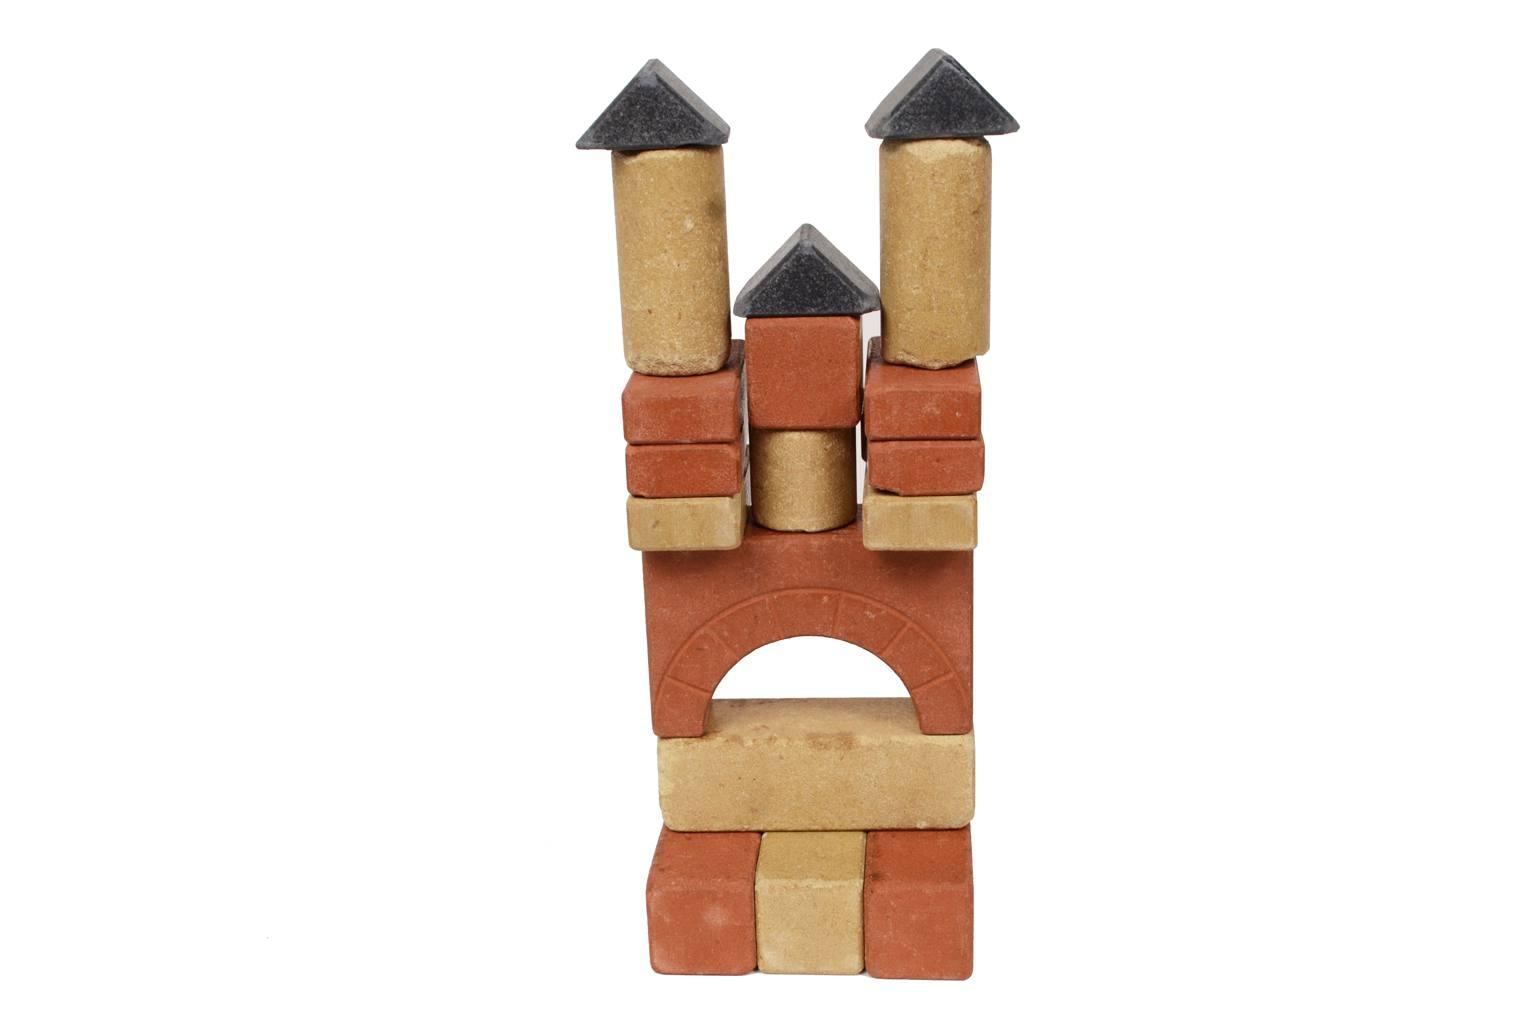 Strumenti di misura antichi/5095-Gioco architettura